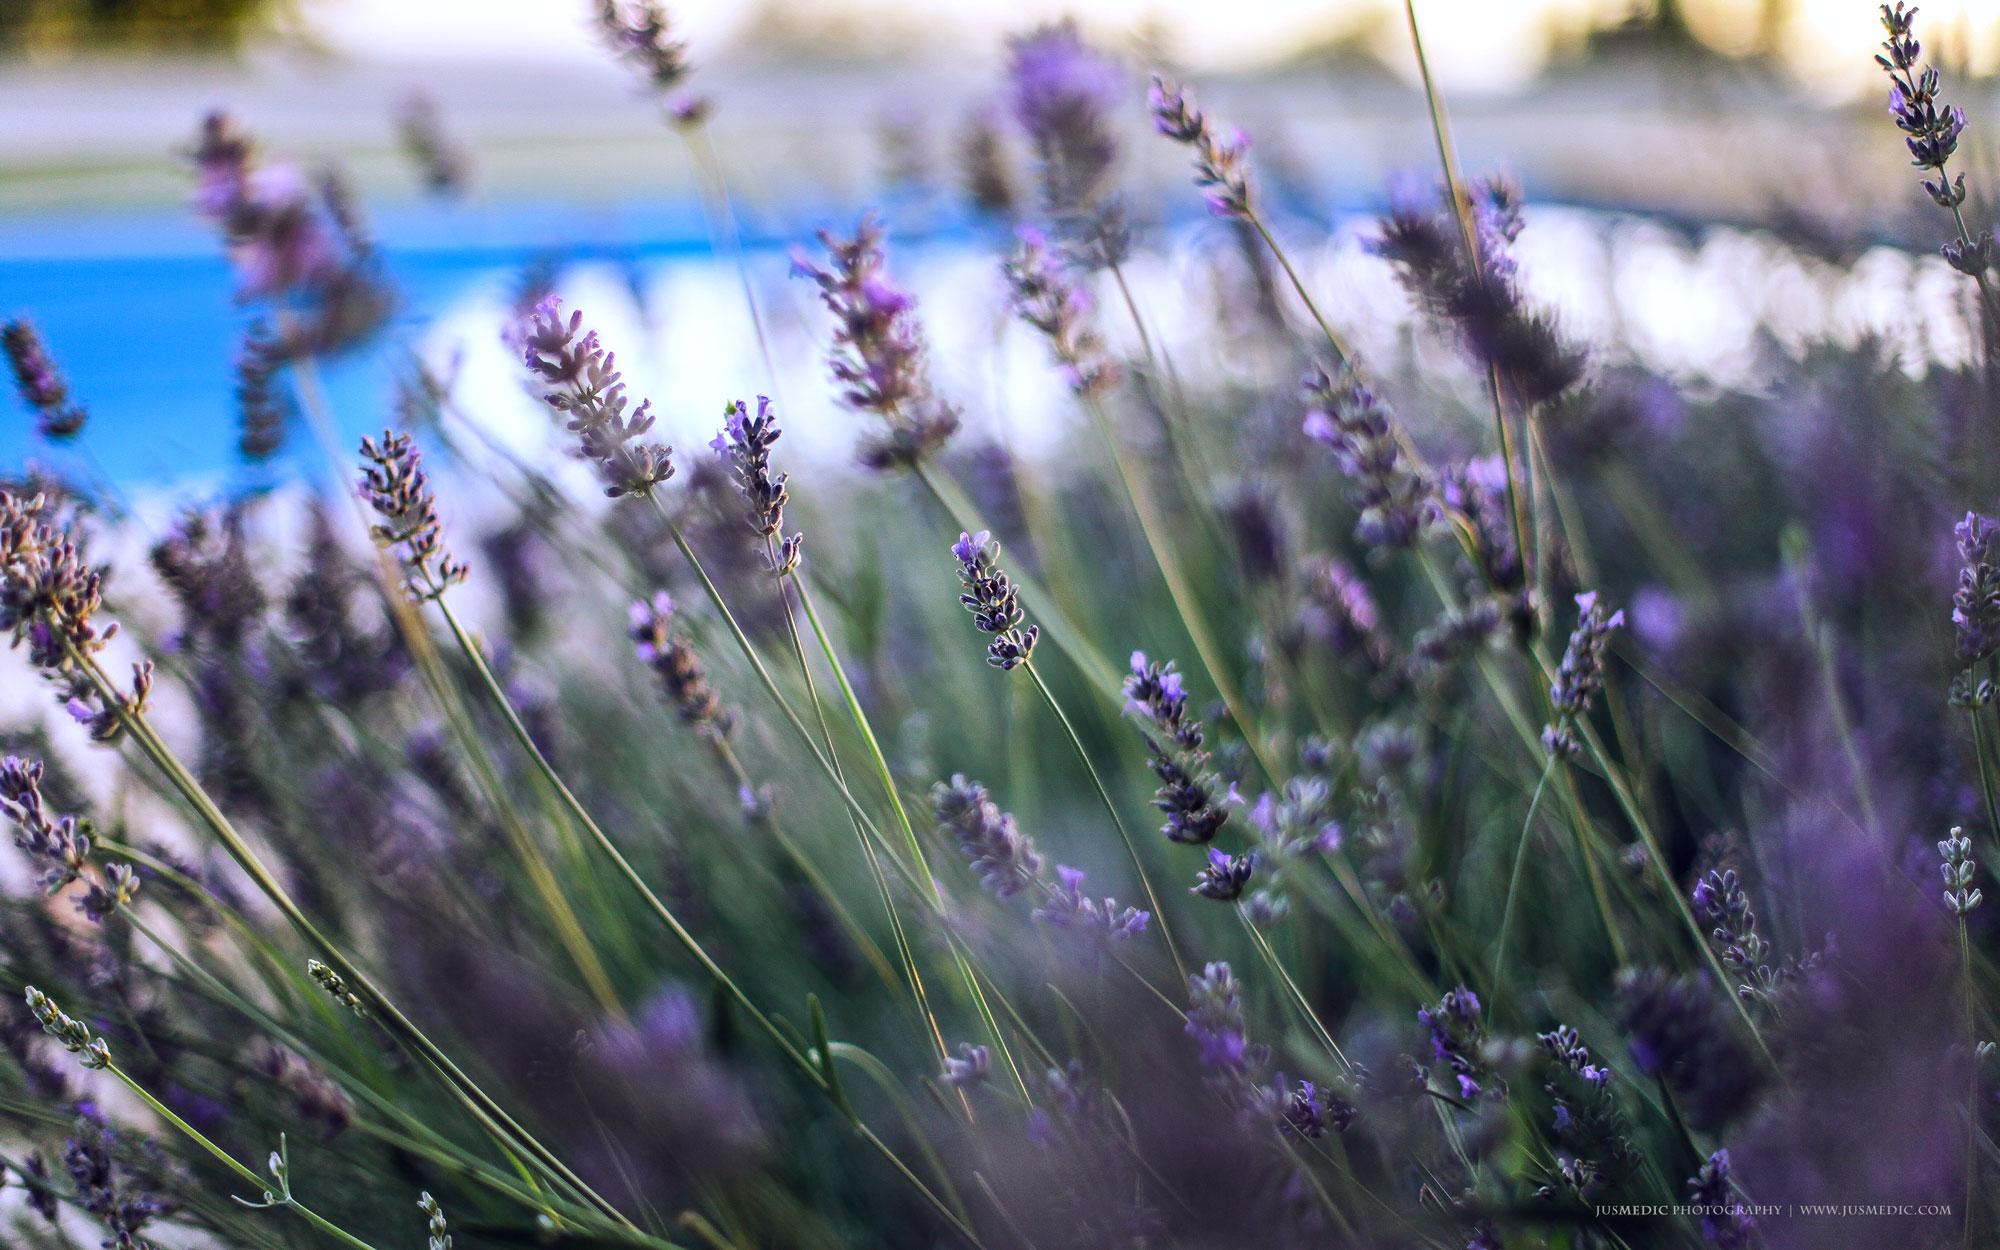 06-16-June-Lavender-Istria-jusmedic.com-2000px